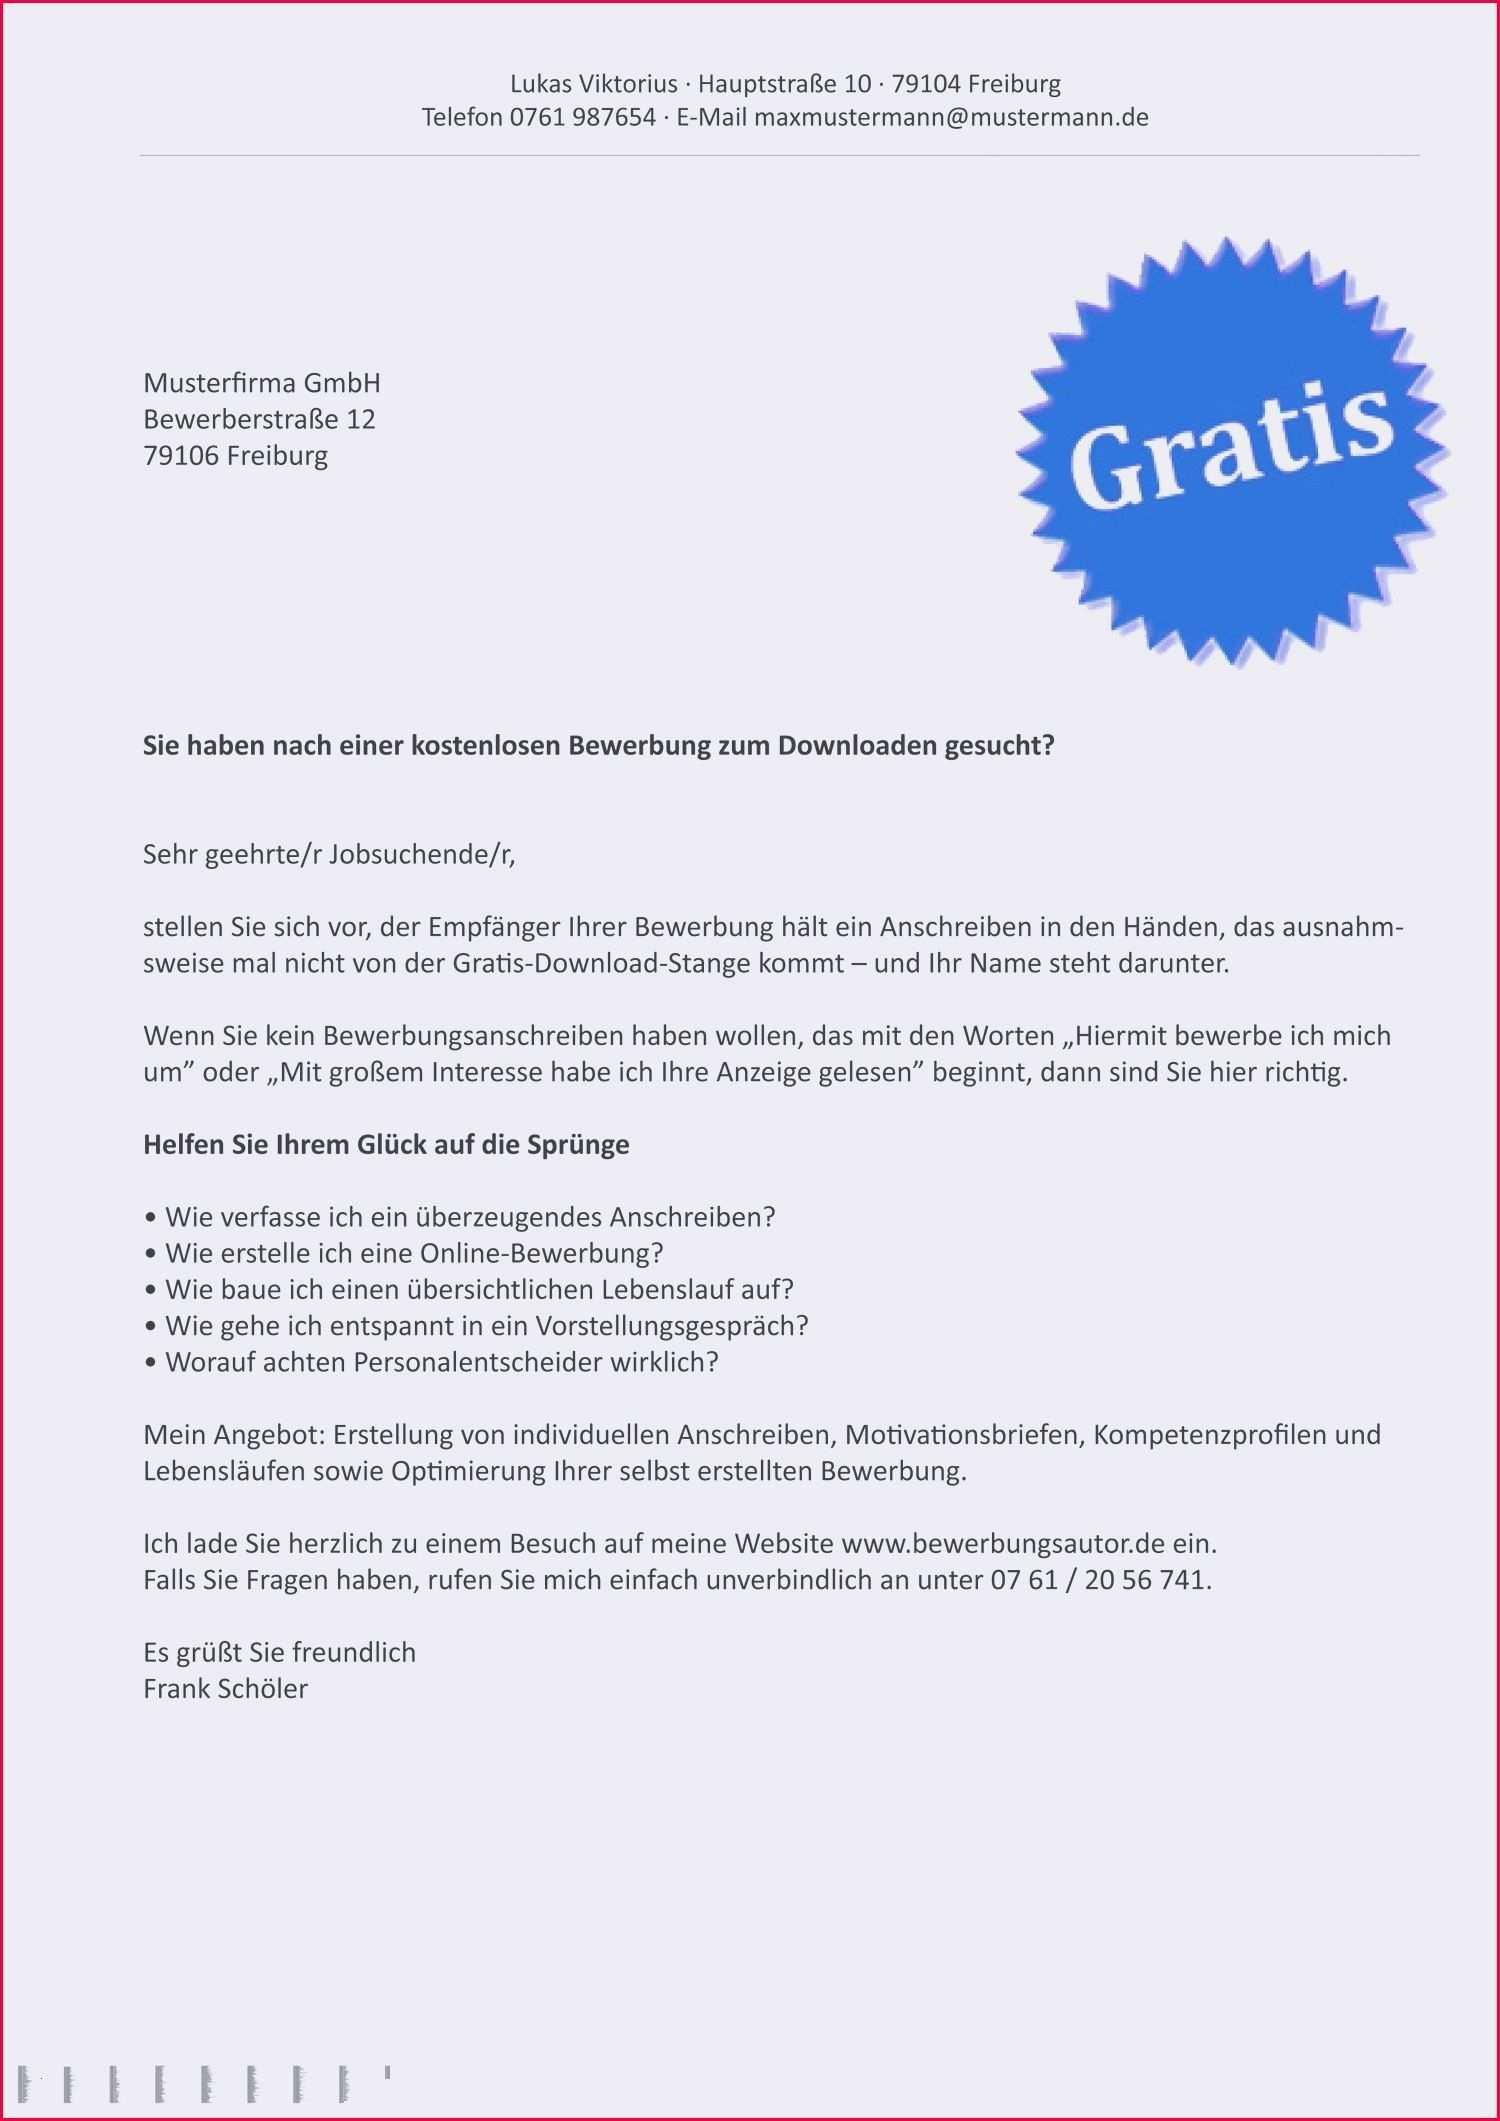 Neu Bewerbung Per Email Muster Kostenlos Briefprobe Briefformat Briefvorlage Vorlagen Lebenslauf Lebenslauf Muster Bewerbung Lebenslauf